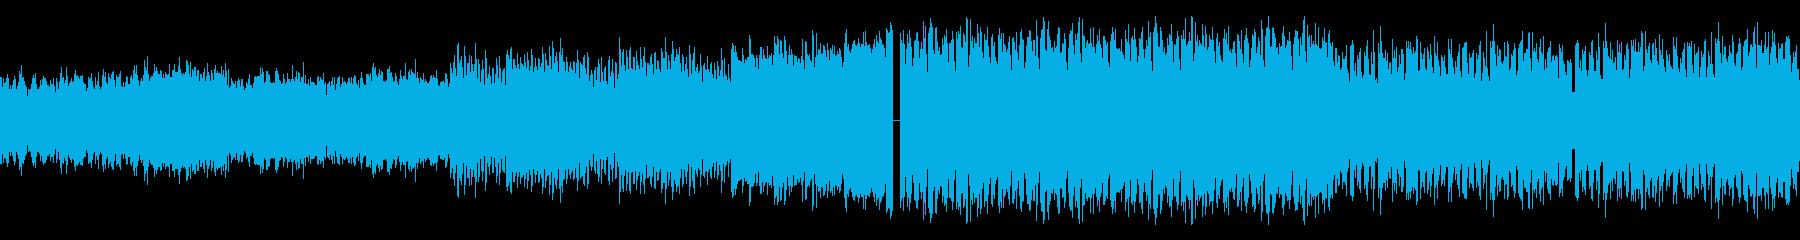 グリッジなEDMの再生済みの波形